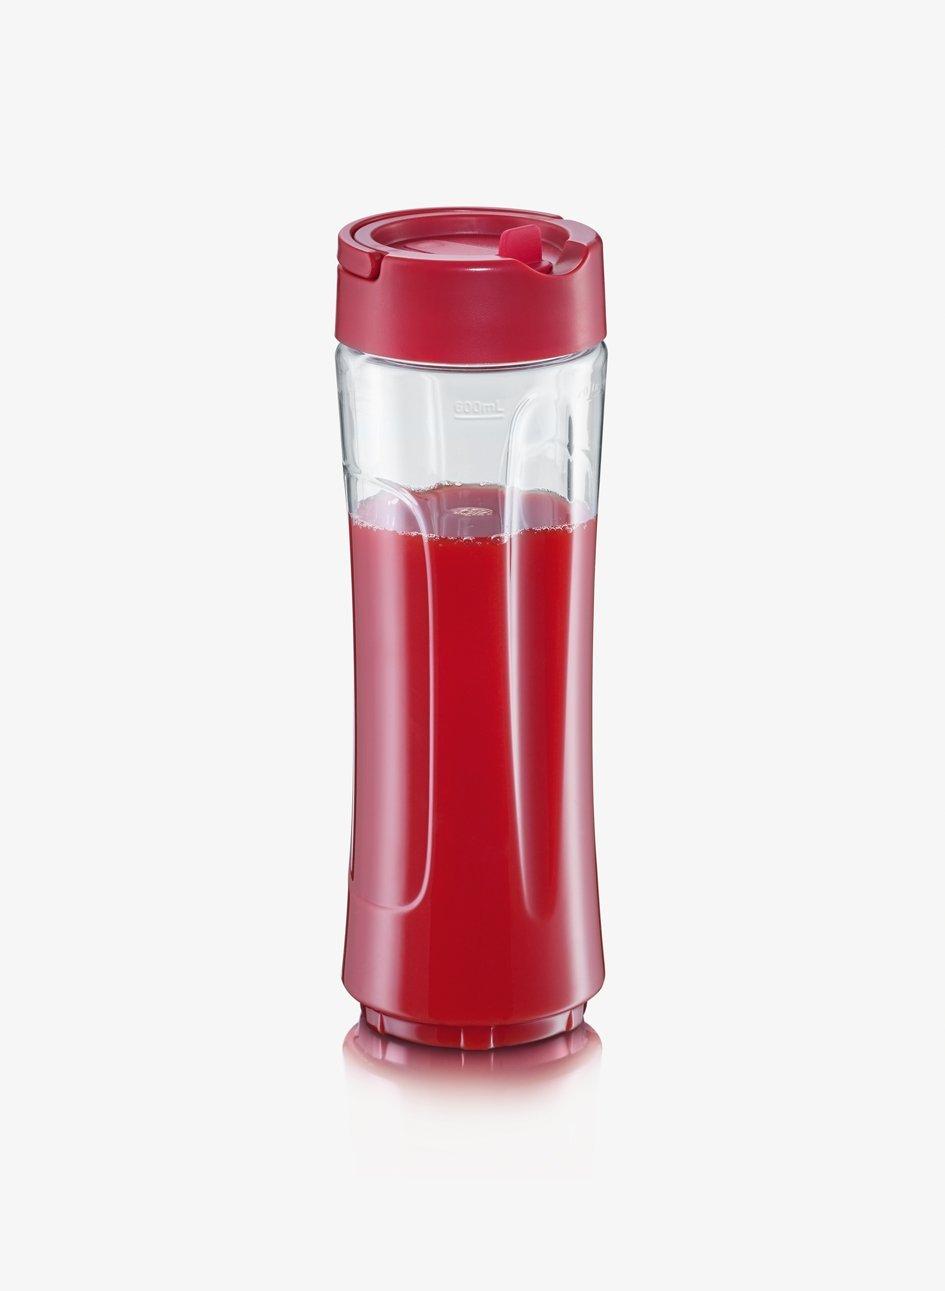 Severin Smoothie Mix & Go Batidora, 300 W, 0.6 litros, Blanco y Rojo: Amazon.es: Hogar